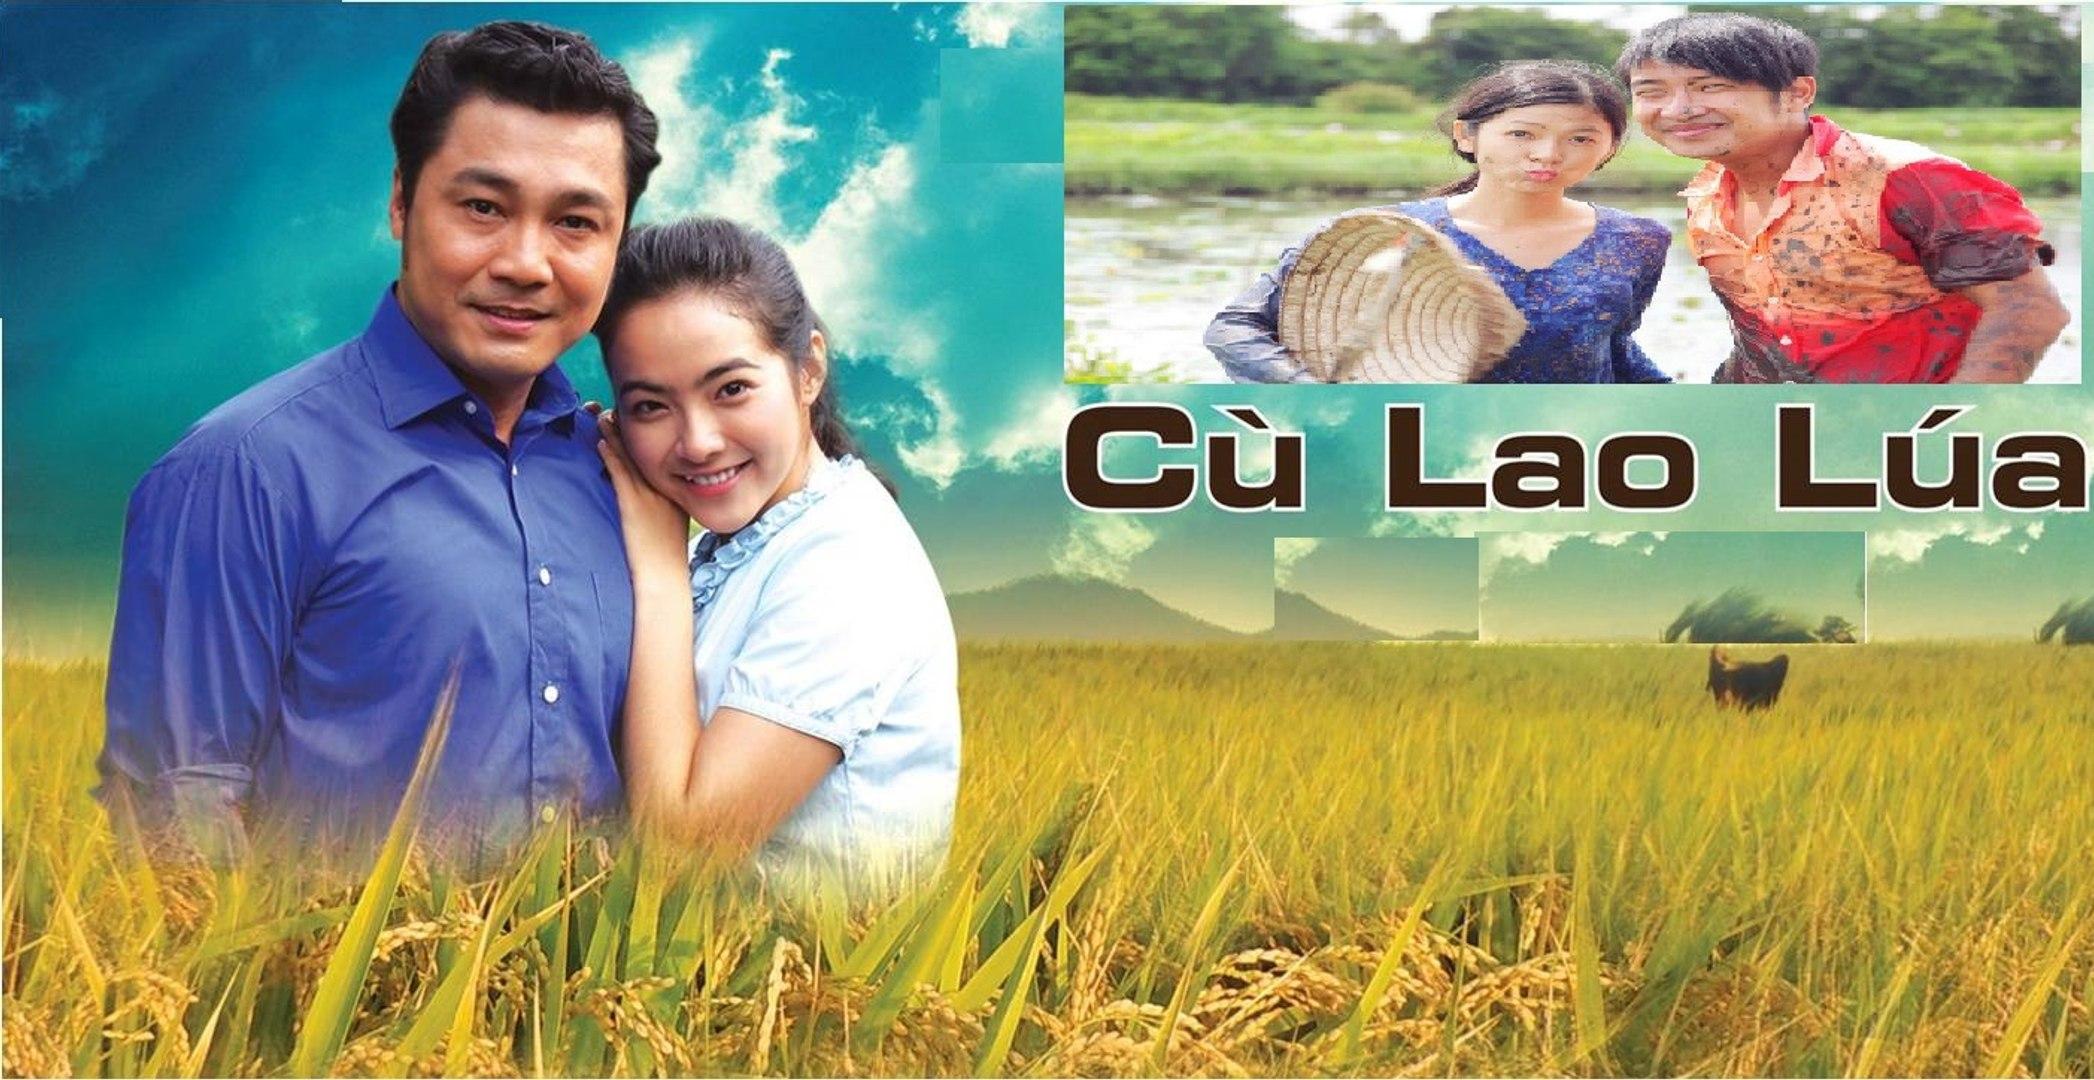 Phim Cù Lao Lúa Tập 15 - Phim Việt Nam - Phim Mới